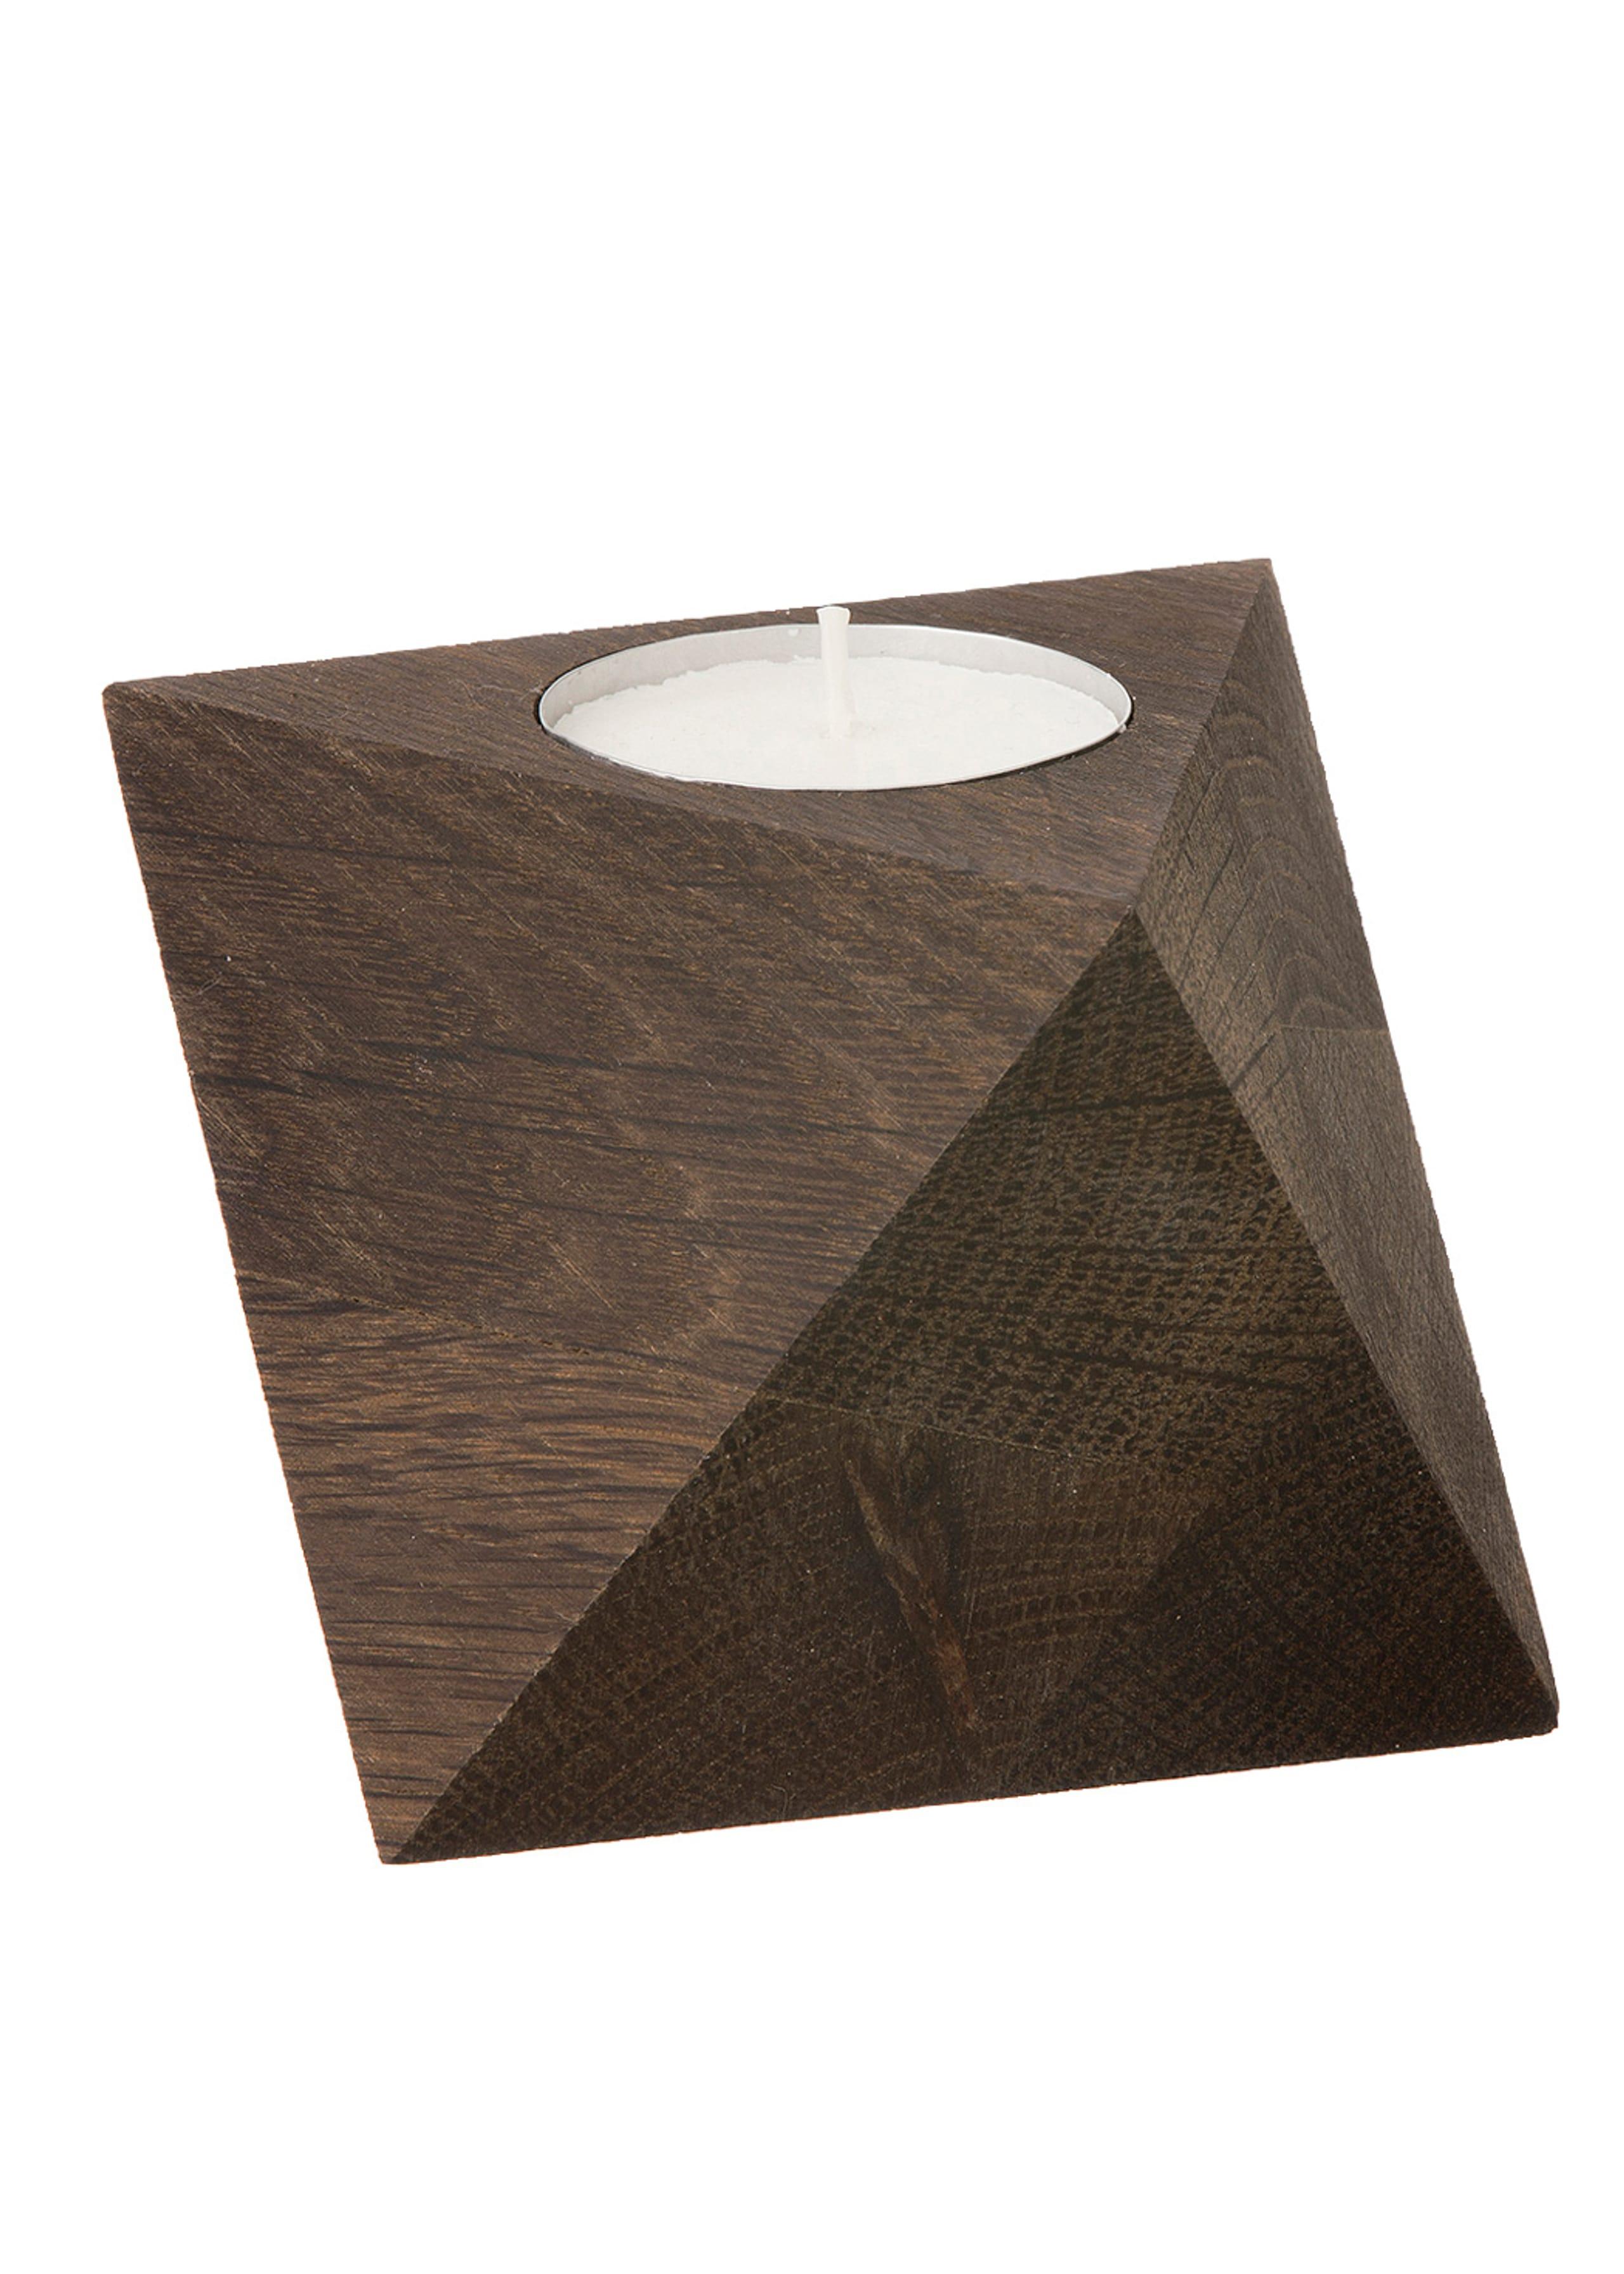 Image of   Cube Candleholder